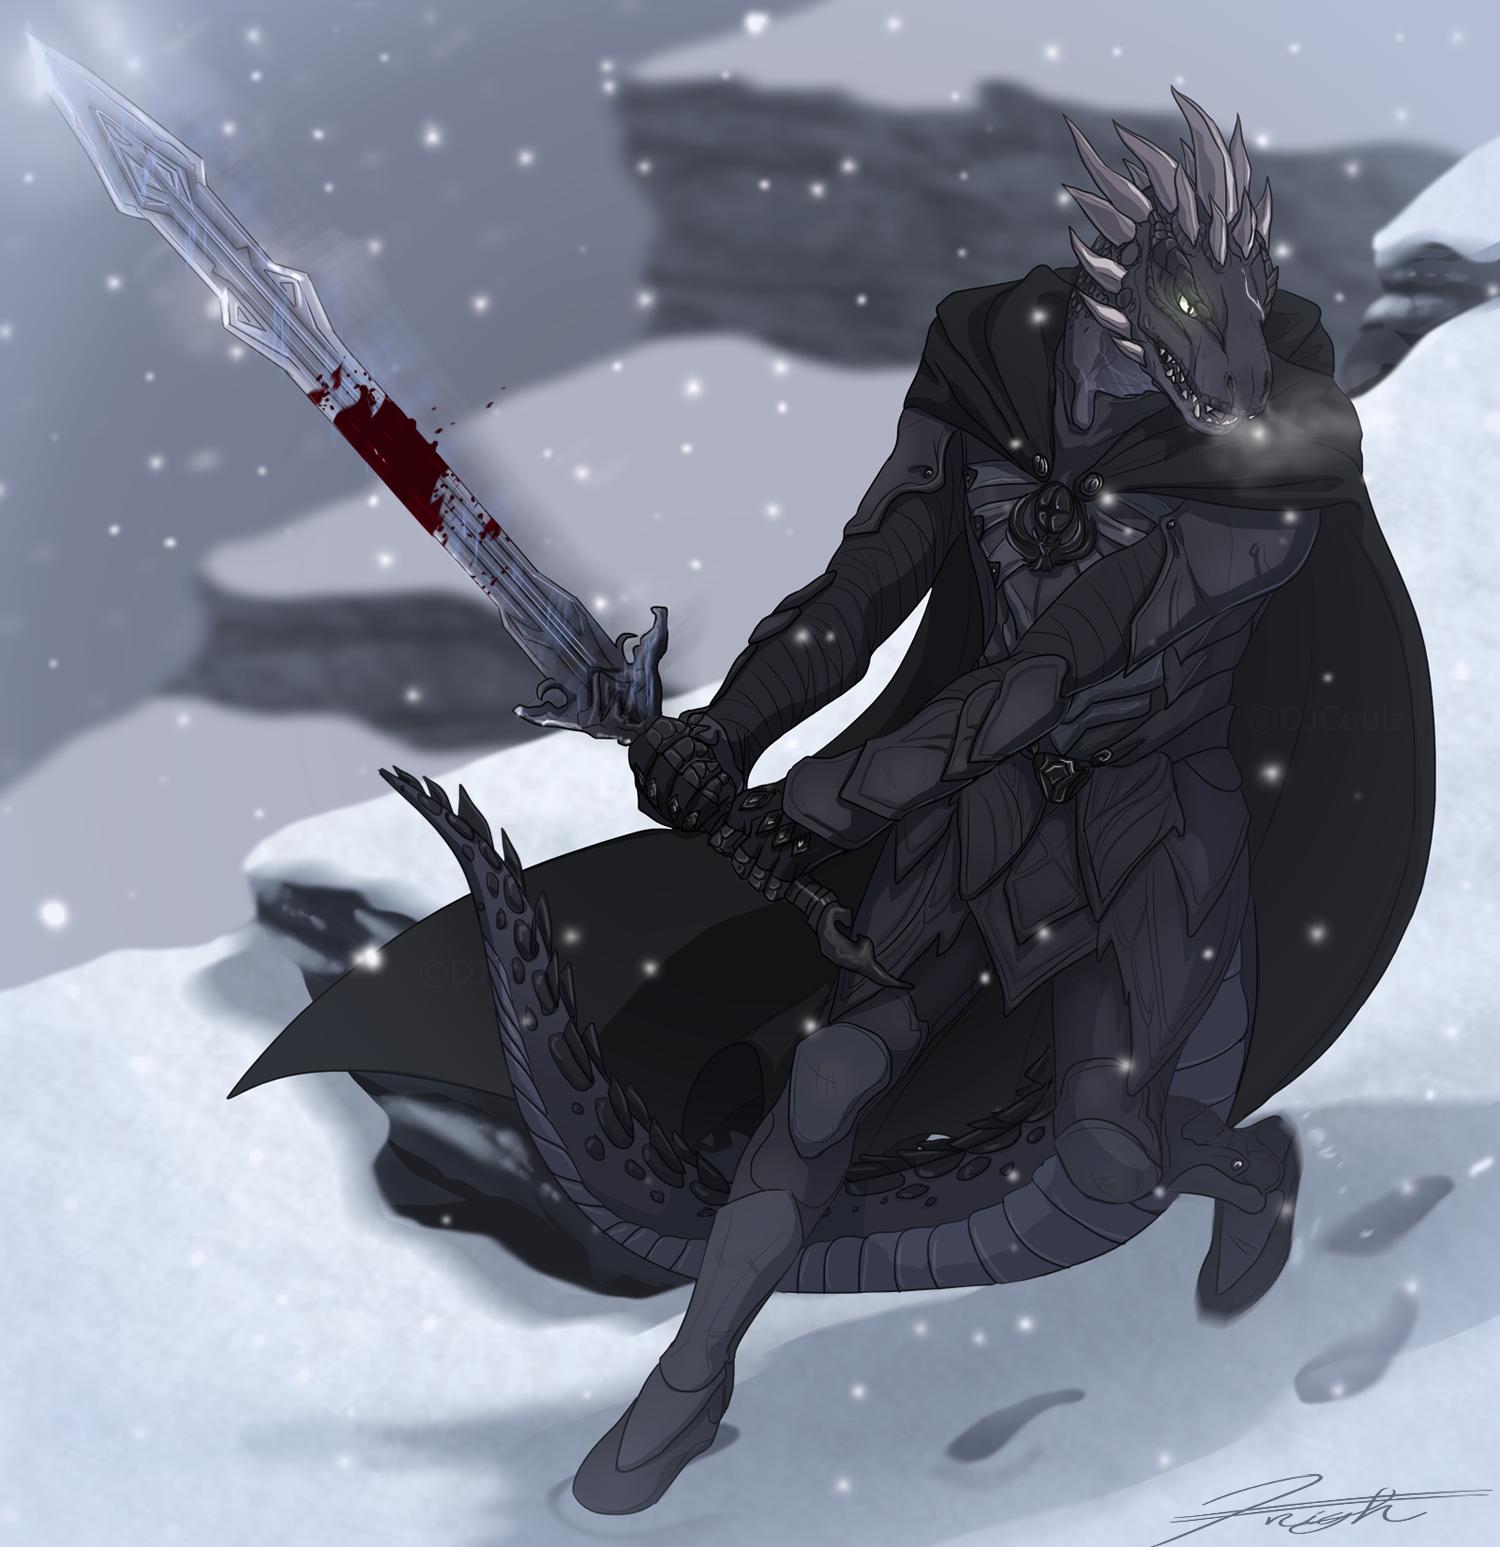 Skyrim - Argonian Nightingale by DJCoulzArgonian Skyrim